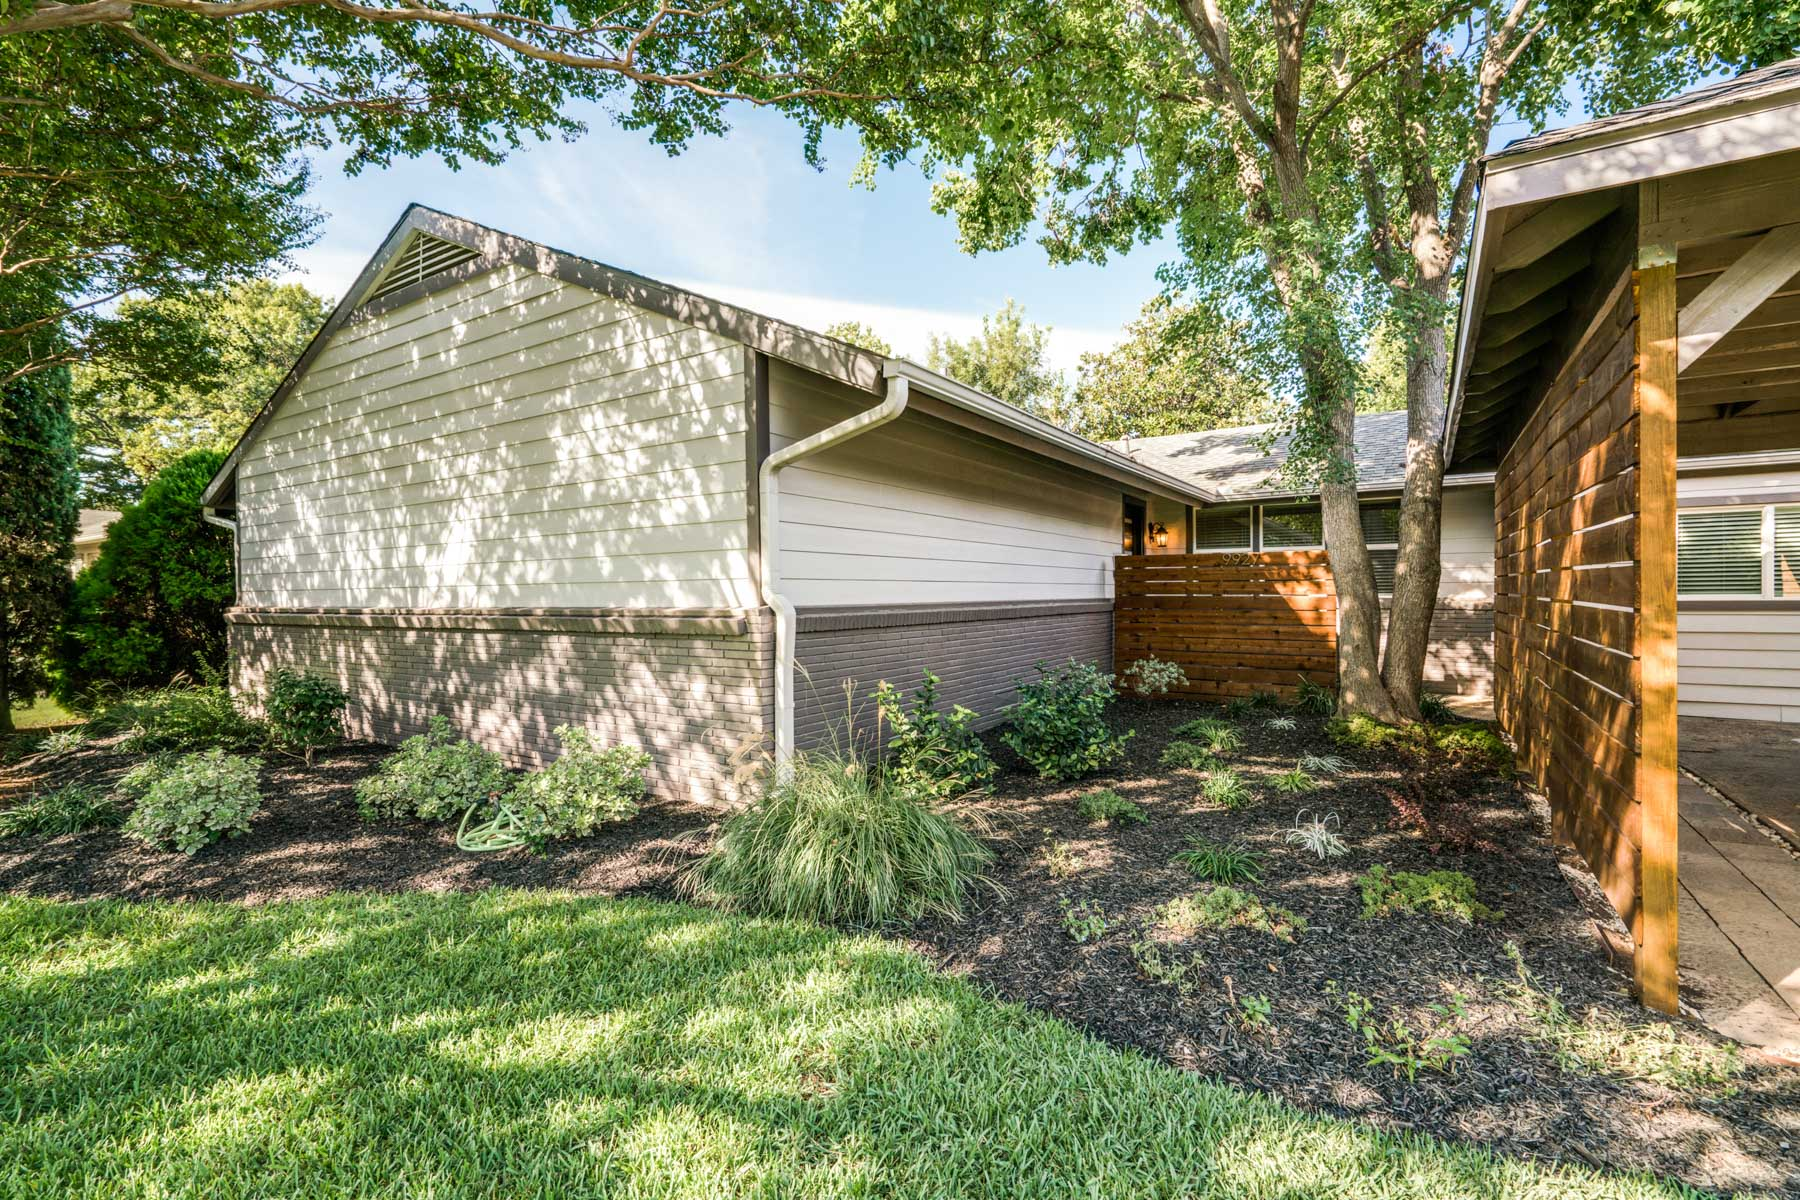 Casa para uma família para Venda às Midway Hollow Traditional 9927 Lenel Place Dallas, Texas, 75220 Estados Unidos